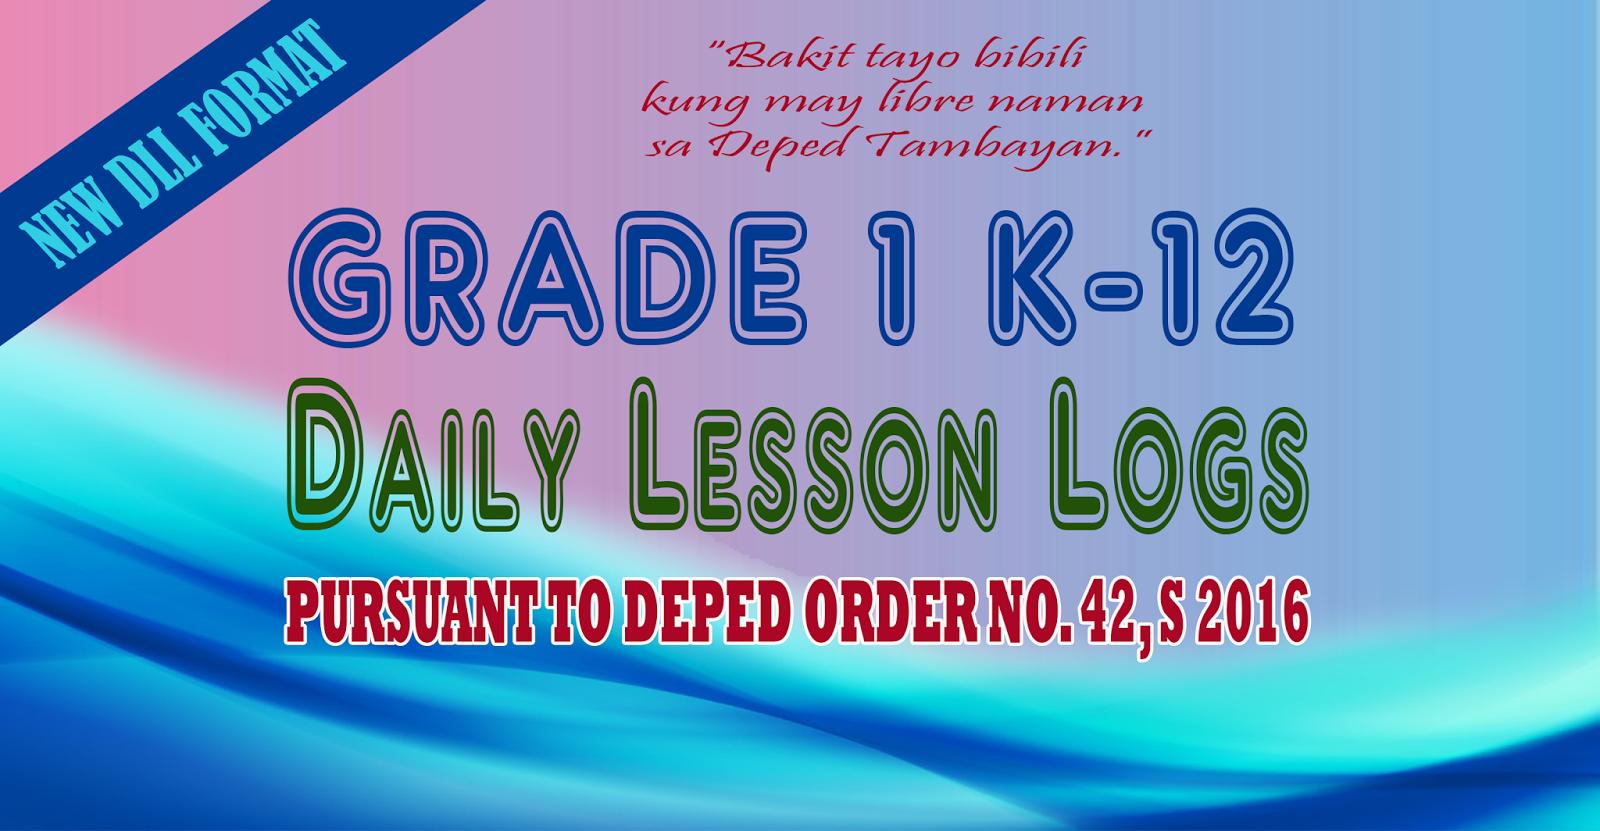 Grade 1 Daily Lesson Log Dll For 4th Quarter